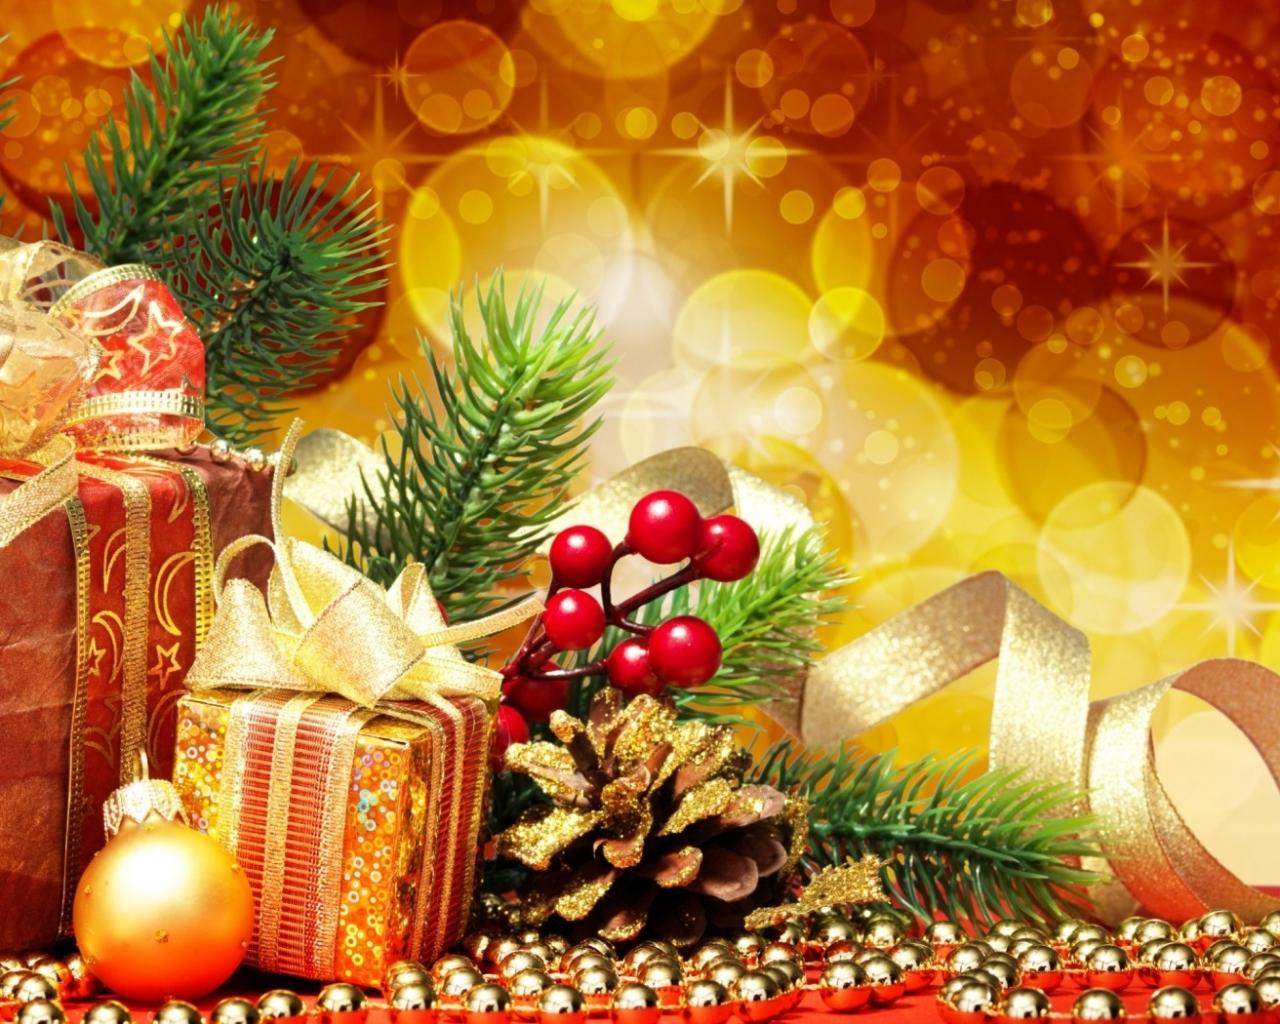 Decoracion de adornos para navidad hd 1280x1024 imagenes - Decoracion adornos navidenos ...